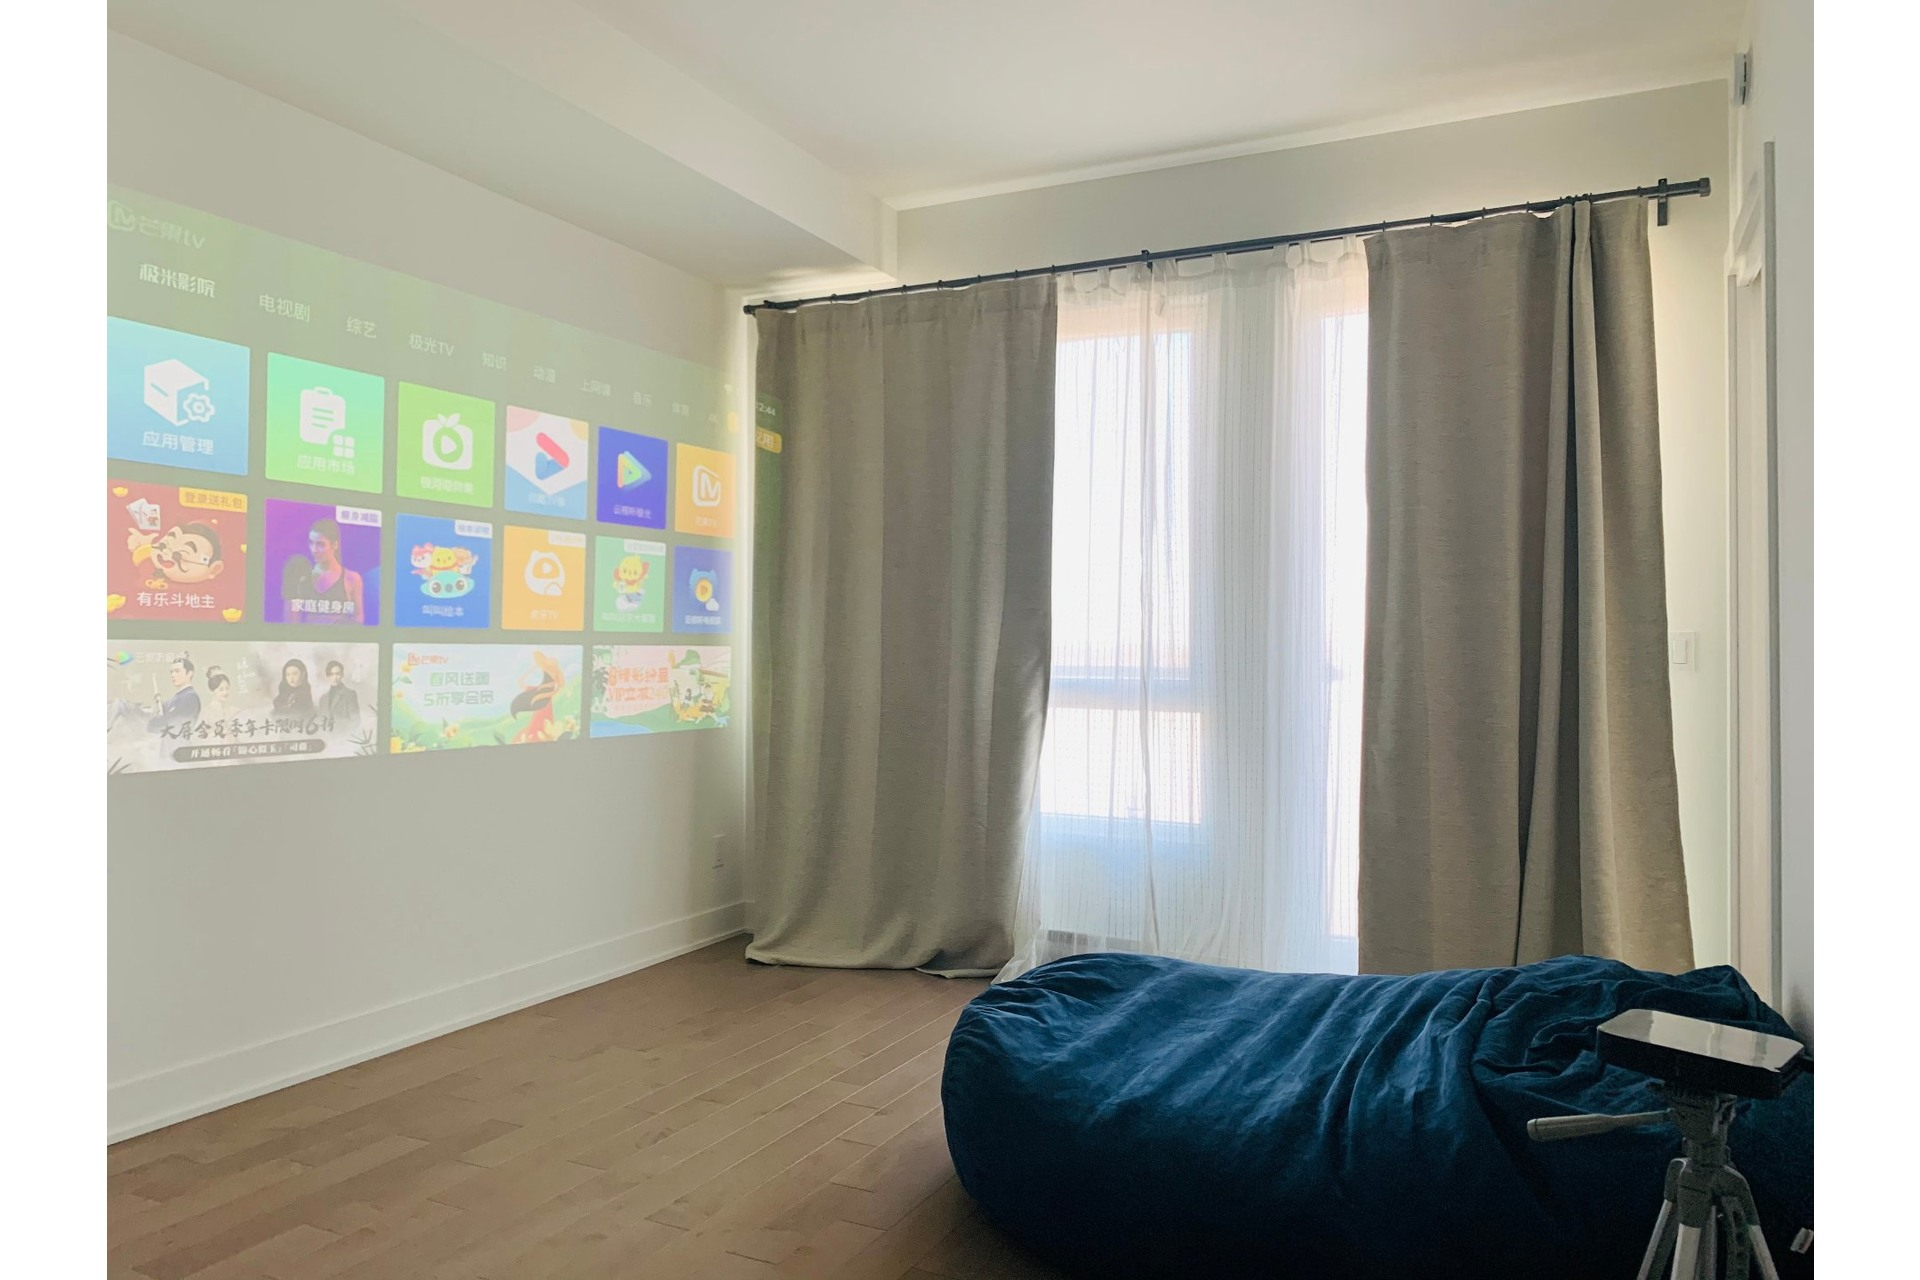 image 3 - Appartement À louer Ville-Marie Montréal  - 4 pièces